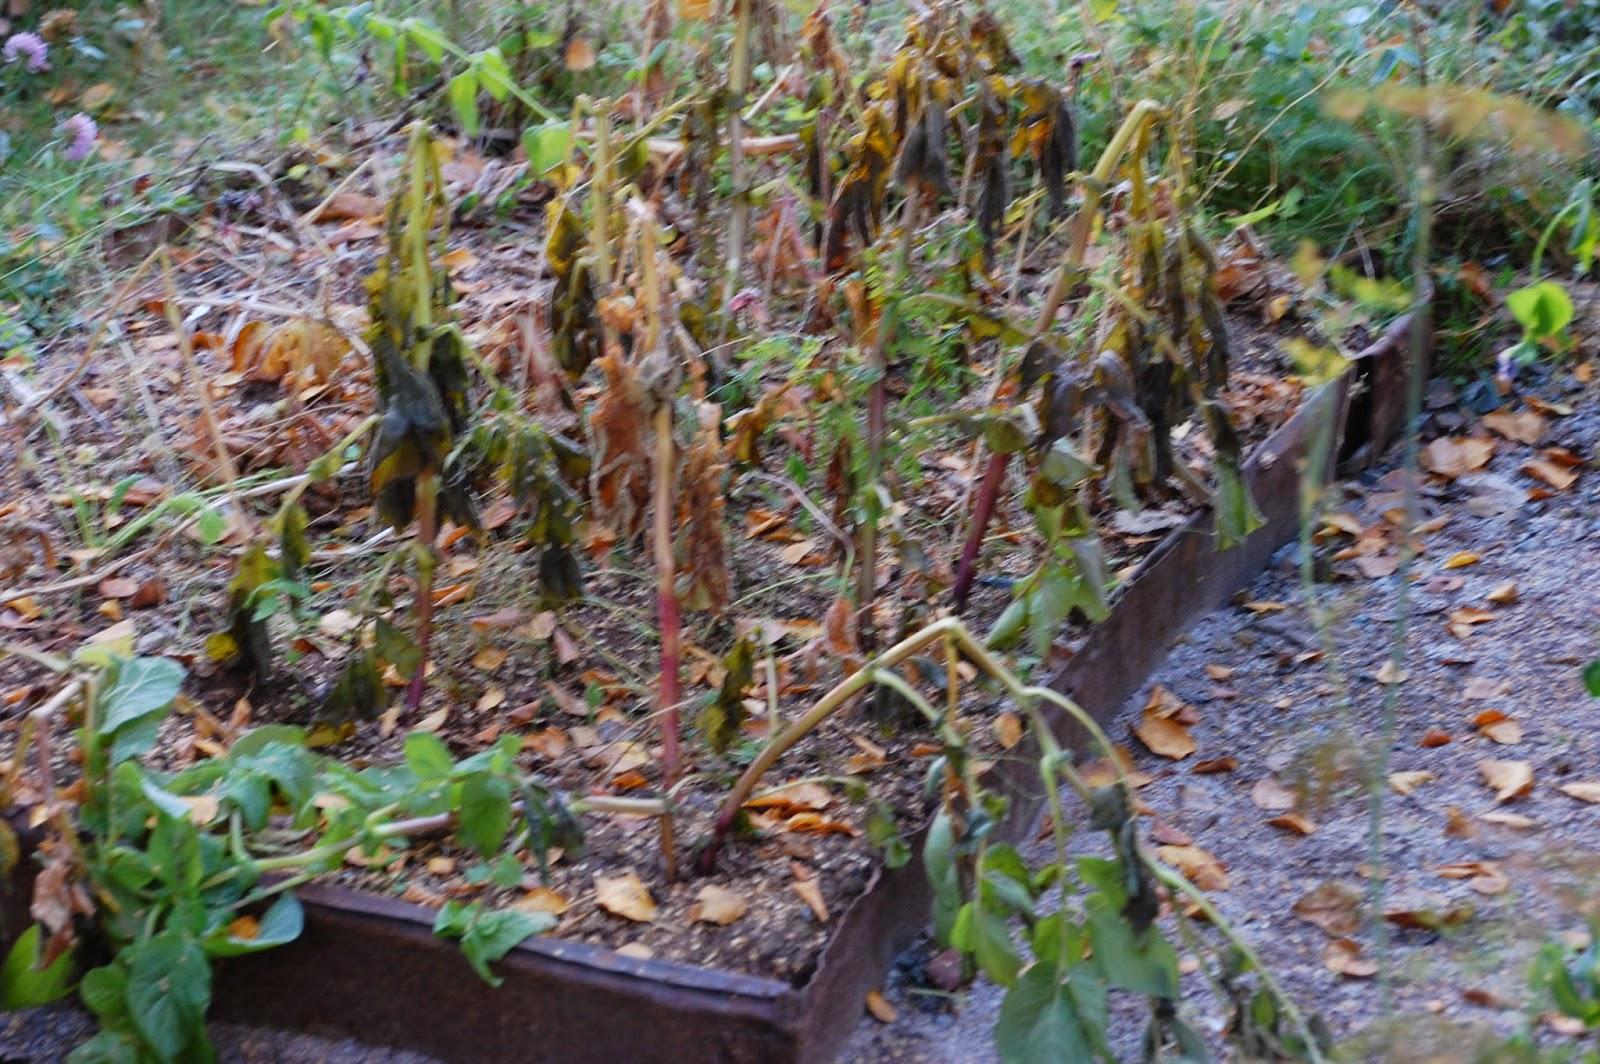 Svanå trädgård: en kall vind drog fram...